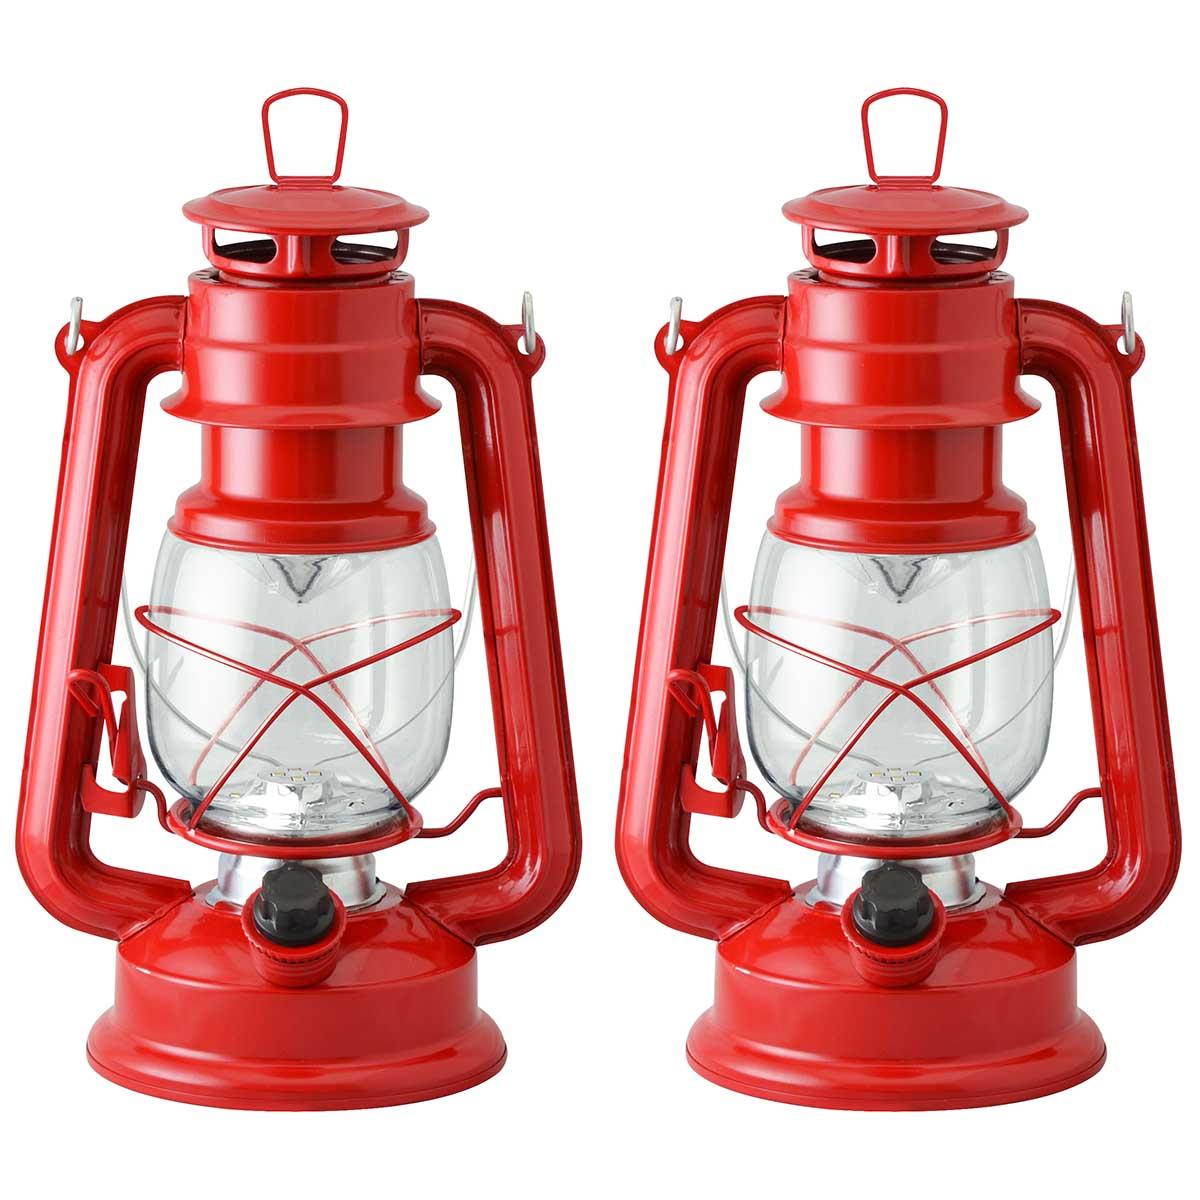 〈1年保証〉LEDランタン 2個セット ランタン ライト 電灯 LED 電池式 照度調節機能 12灯 灯り オイルランプ アンティークデザイン レトロデザイン アウトドア キャンプ インテリア おしゃれ テント BBQ ピクニック 災害 緊急[送料無料]